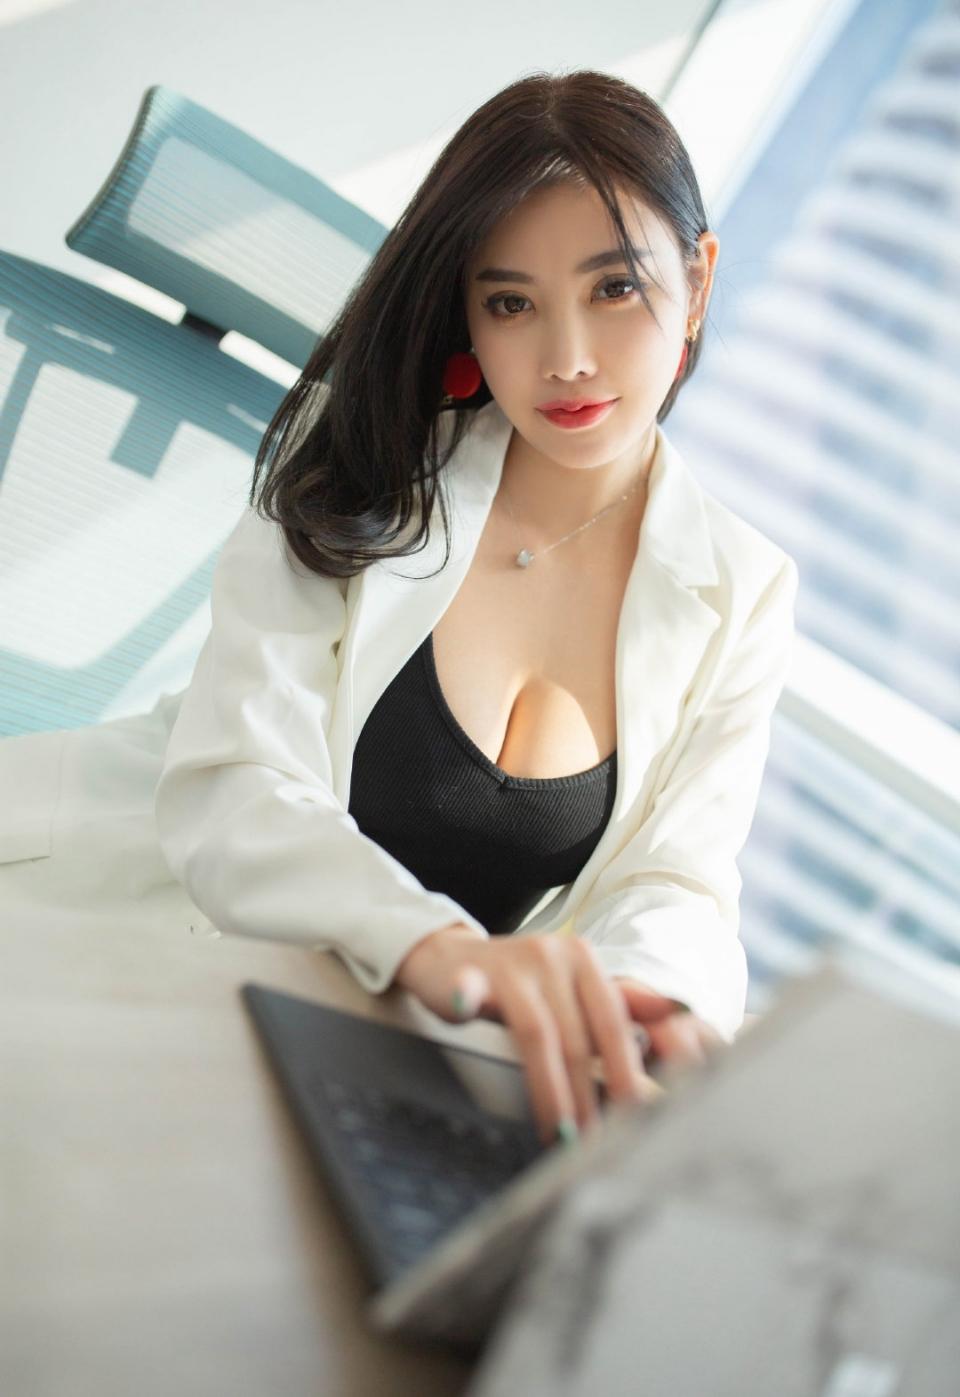 大胸美女黑丝性感妩媚诱惑写真